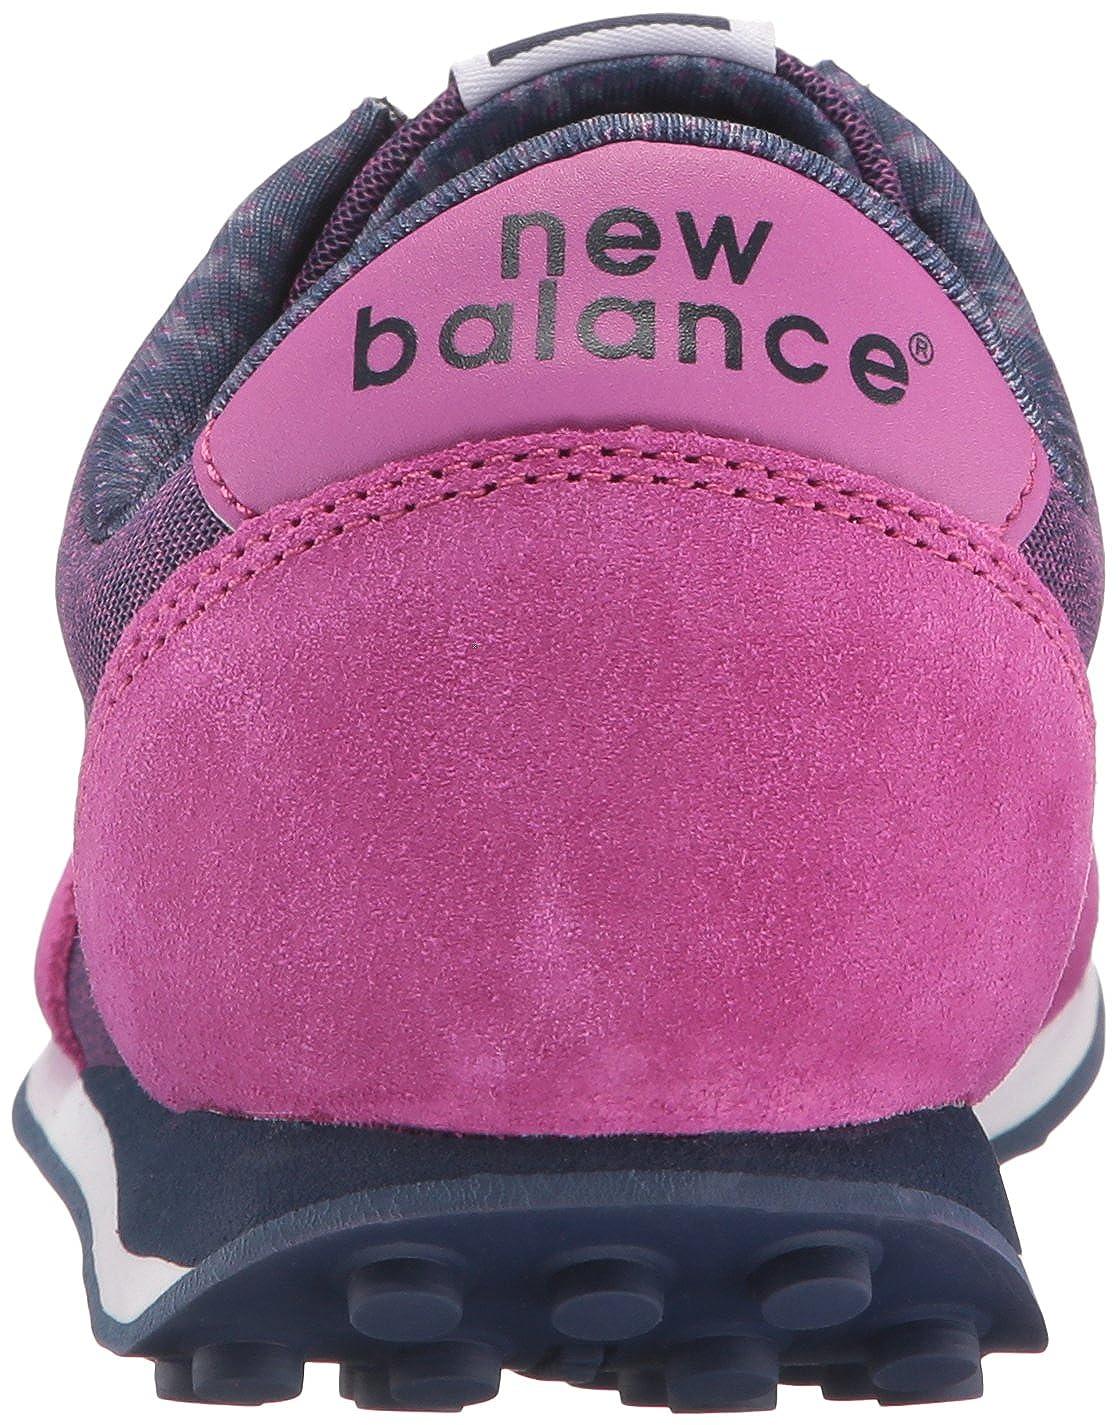 Gentiluomo   Signora New Balance 410 Scarpe Sportive Donna Donna Donna Tecnologia moderna Primo gruppo di clienti Grande nome internazionale | Economici Per  a356ab